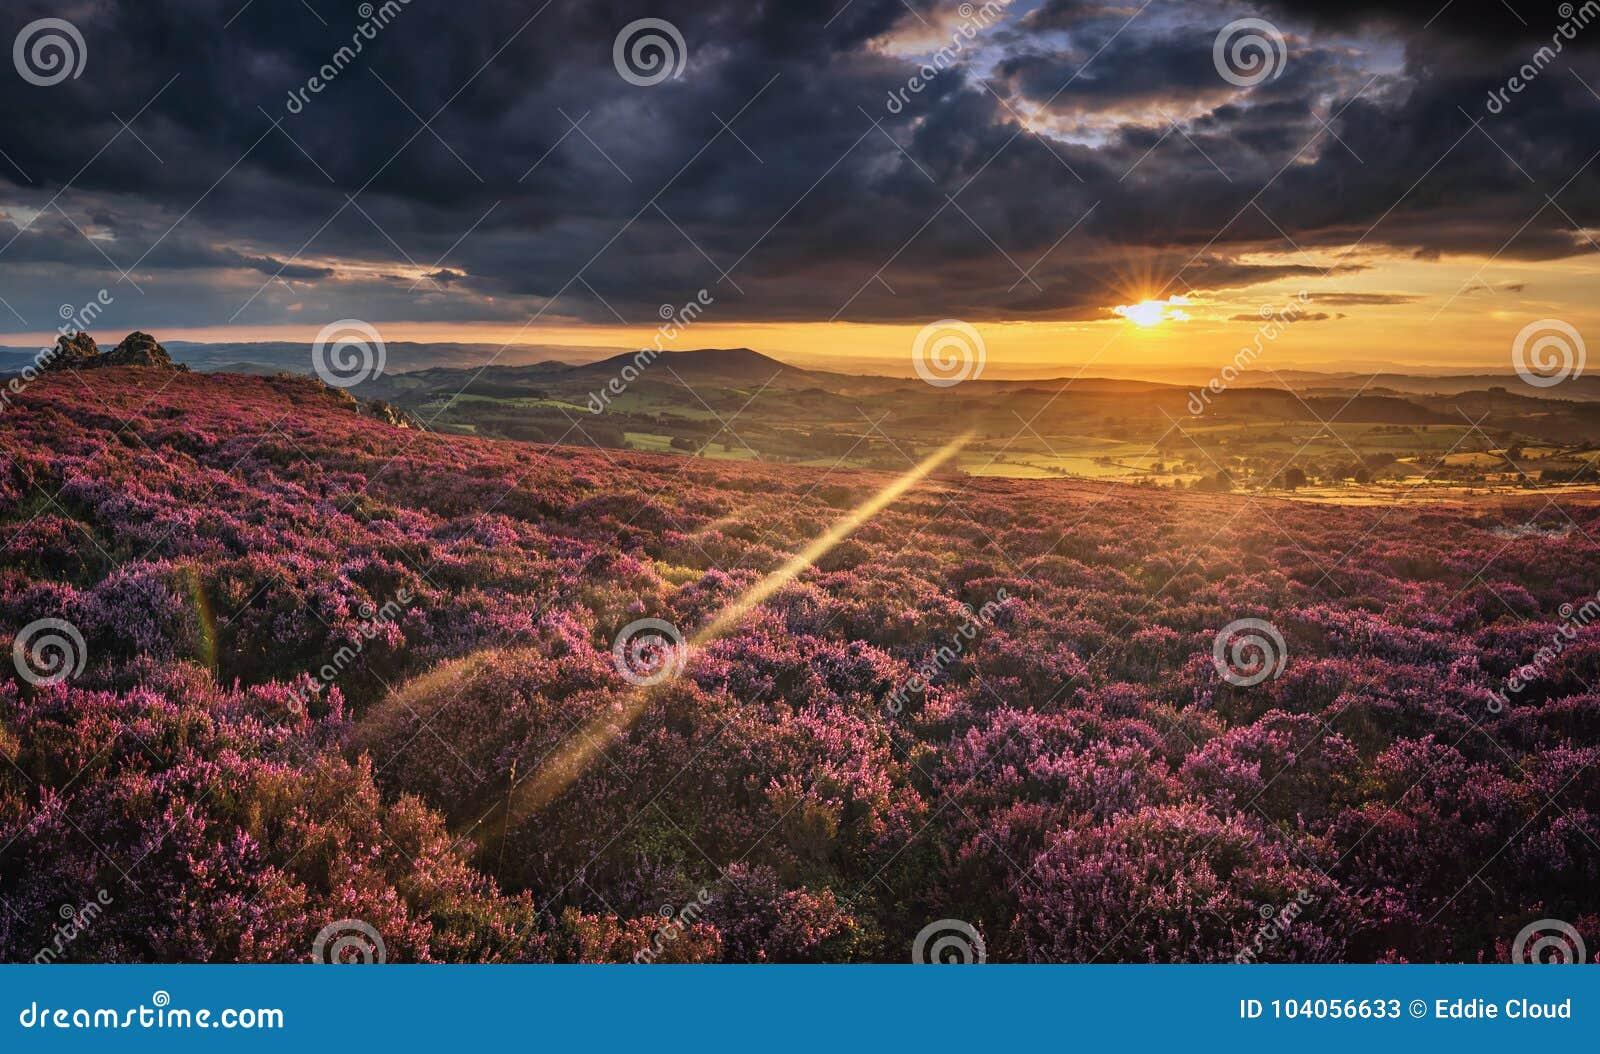 Φυσικό ηλιοβασίλεμα πέρα από το βρετανικό υψίπεδο στα ανθίζοντας λουλούδια της Heather